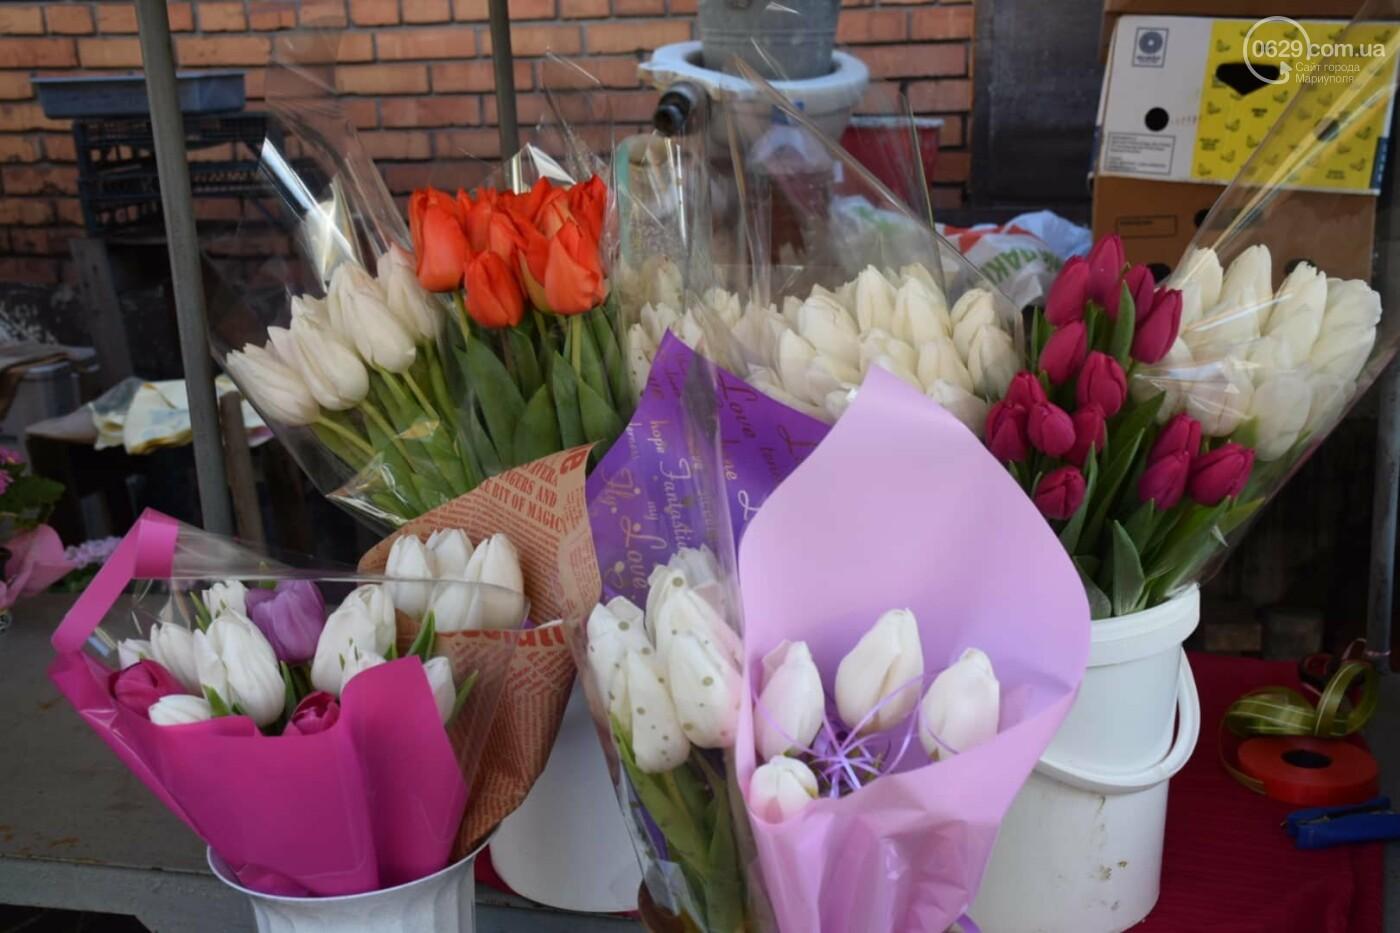 День Святого Валентина в Мариуполе: цветы, шары и мужчины-романтики, - ФОТОРЕПОРТАЖ, фото-2